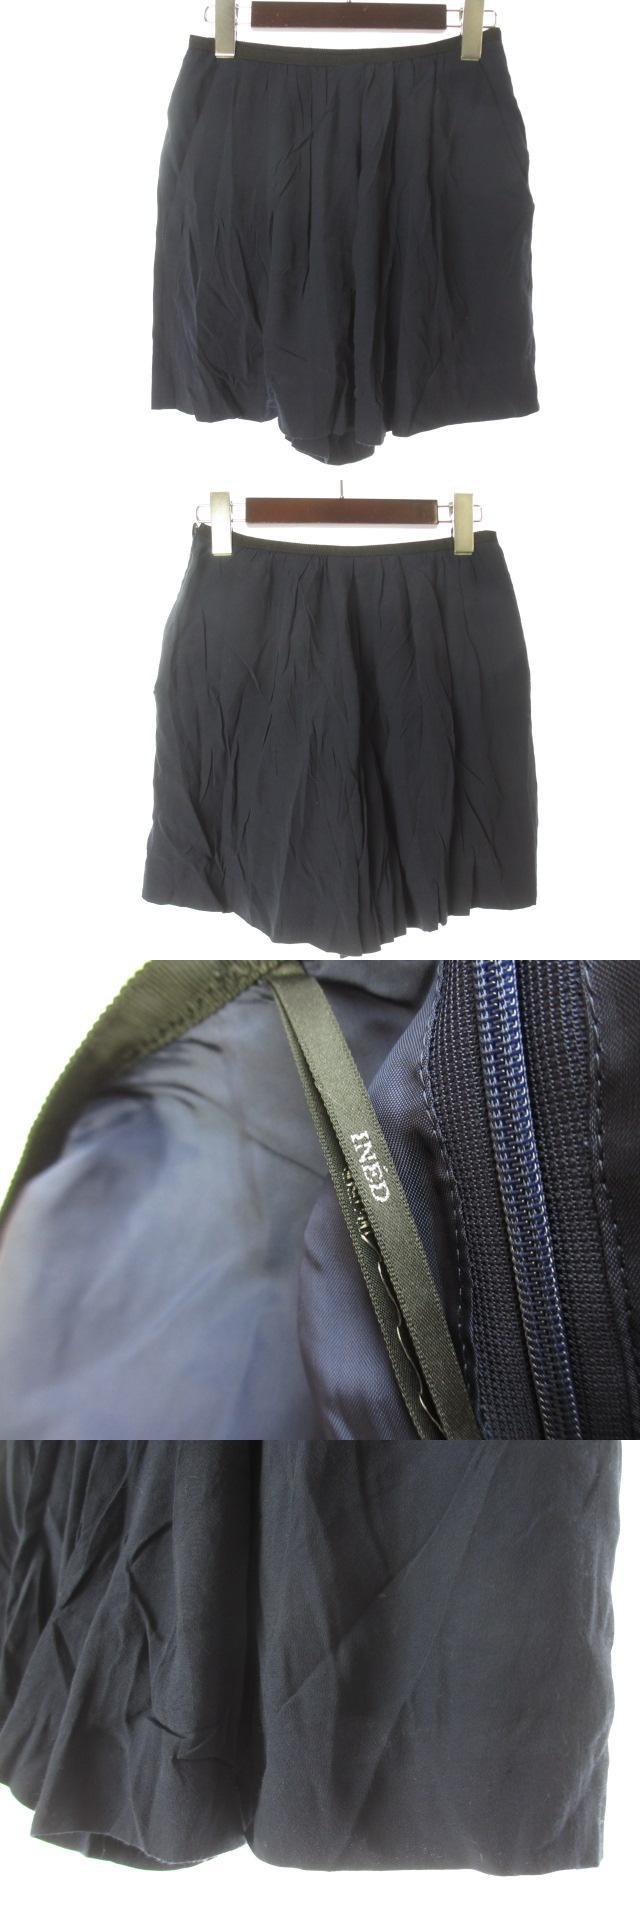 キュロット ショートパンツ 7 S 紺 ネイビー レーヨン混 ミニ 無地 シンプル フレア